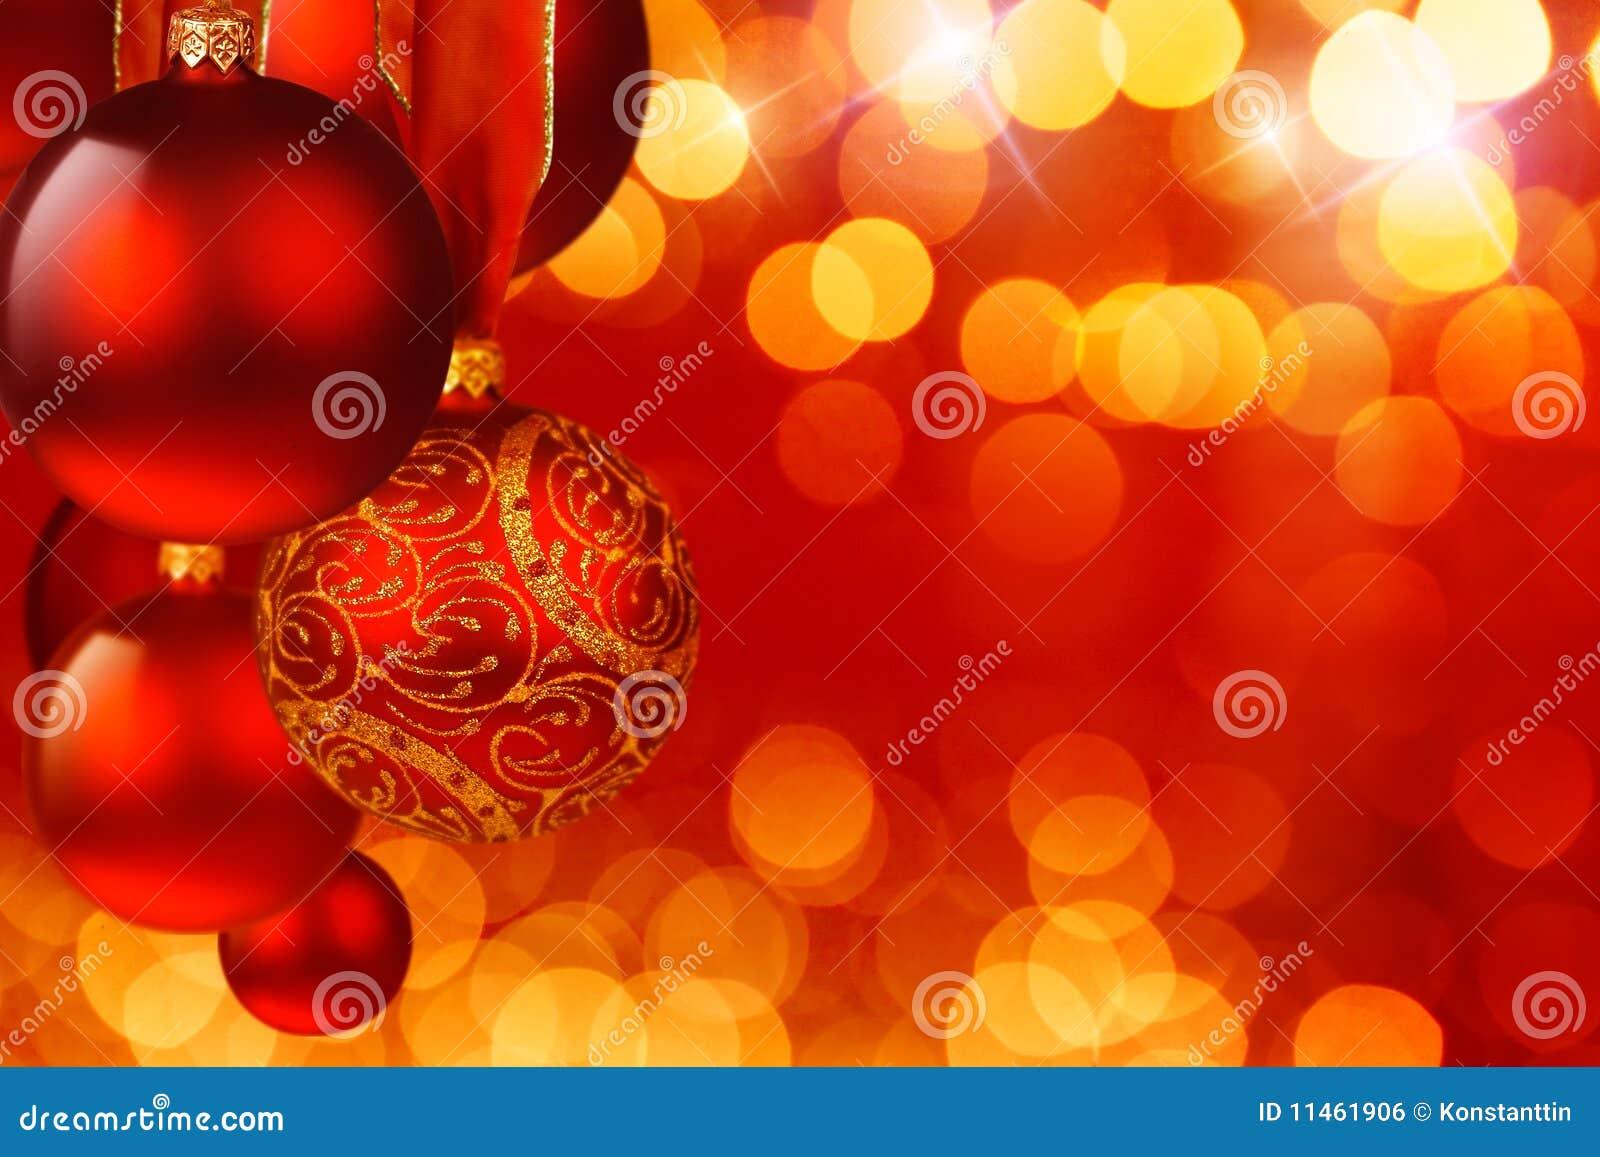 Weihnachtskugeln lizenzfreies stockbild bild 11461906 for Weihnachtskugeln bilder